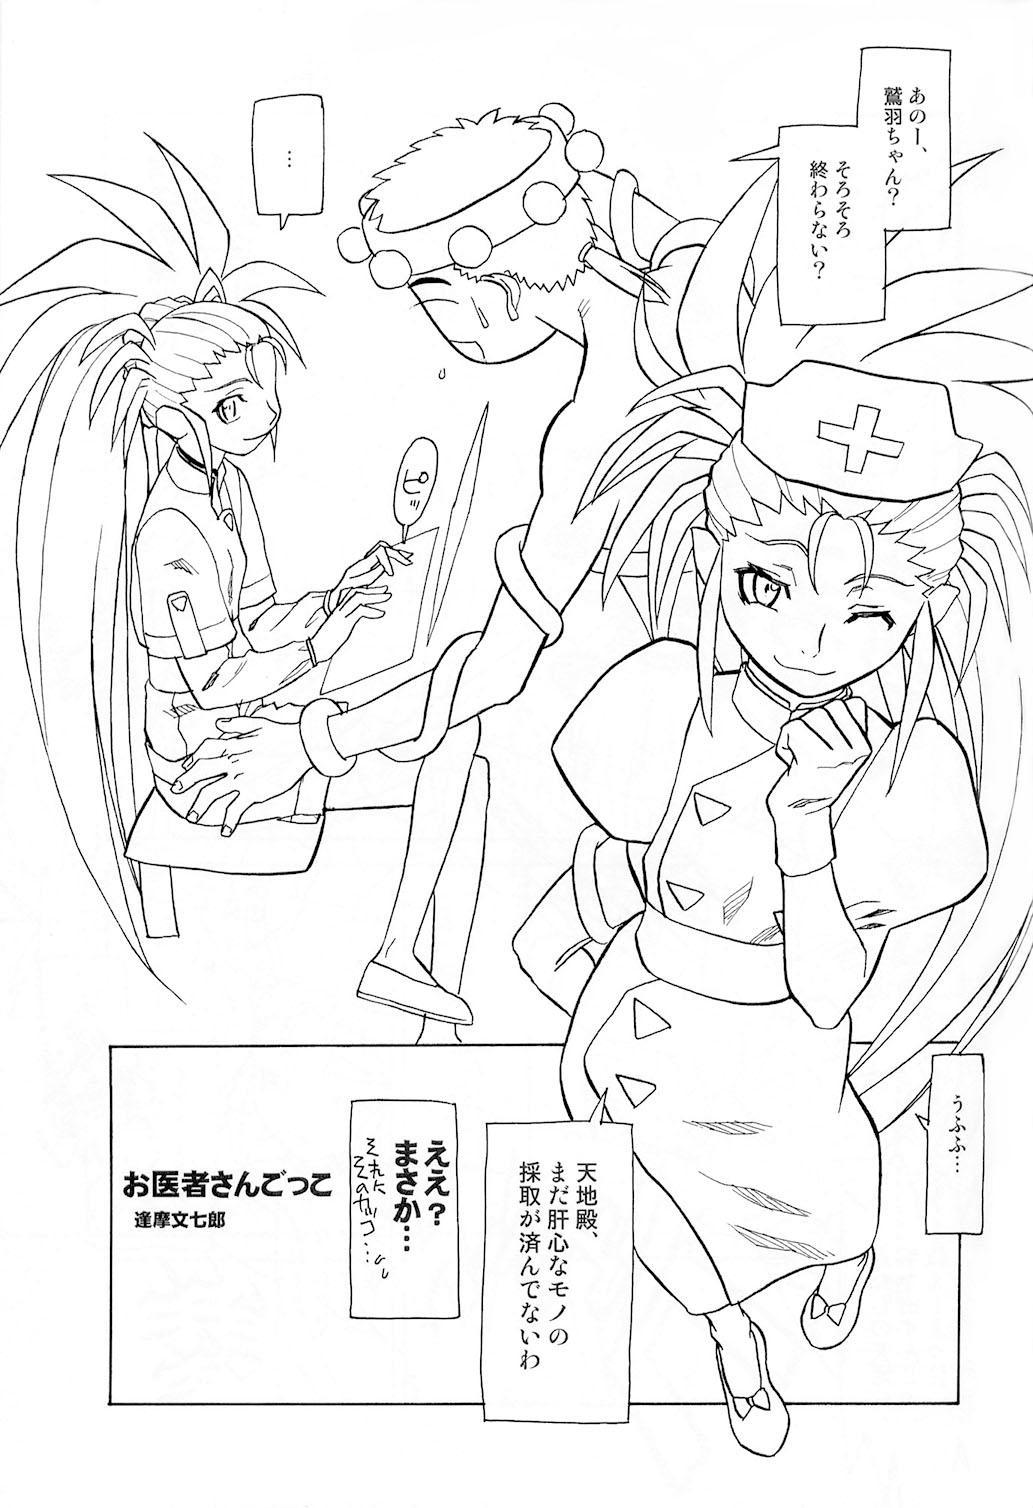 Ianryokou Toujitsu No Yoru 2 34